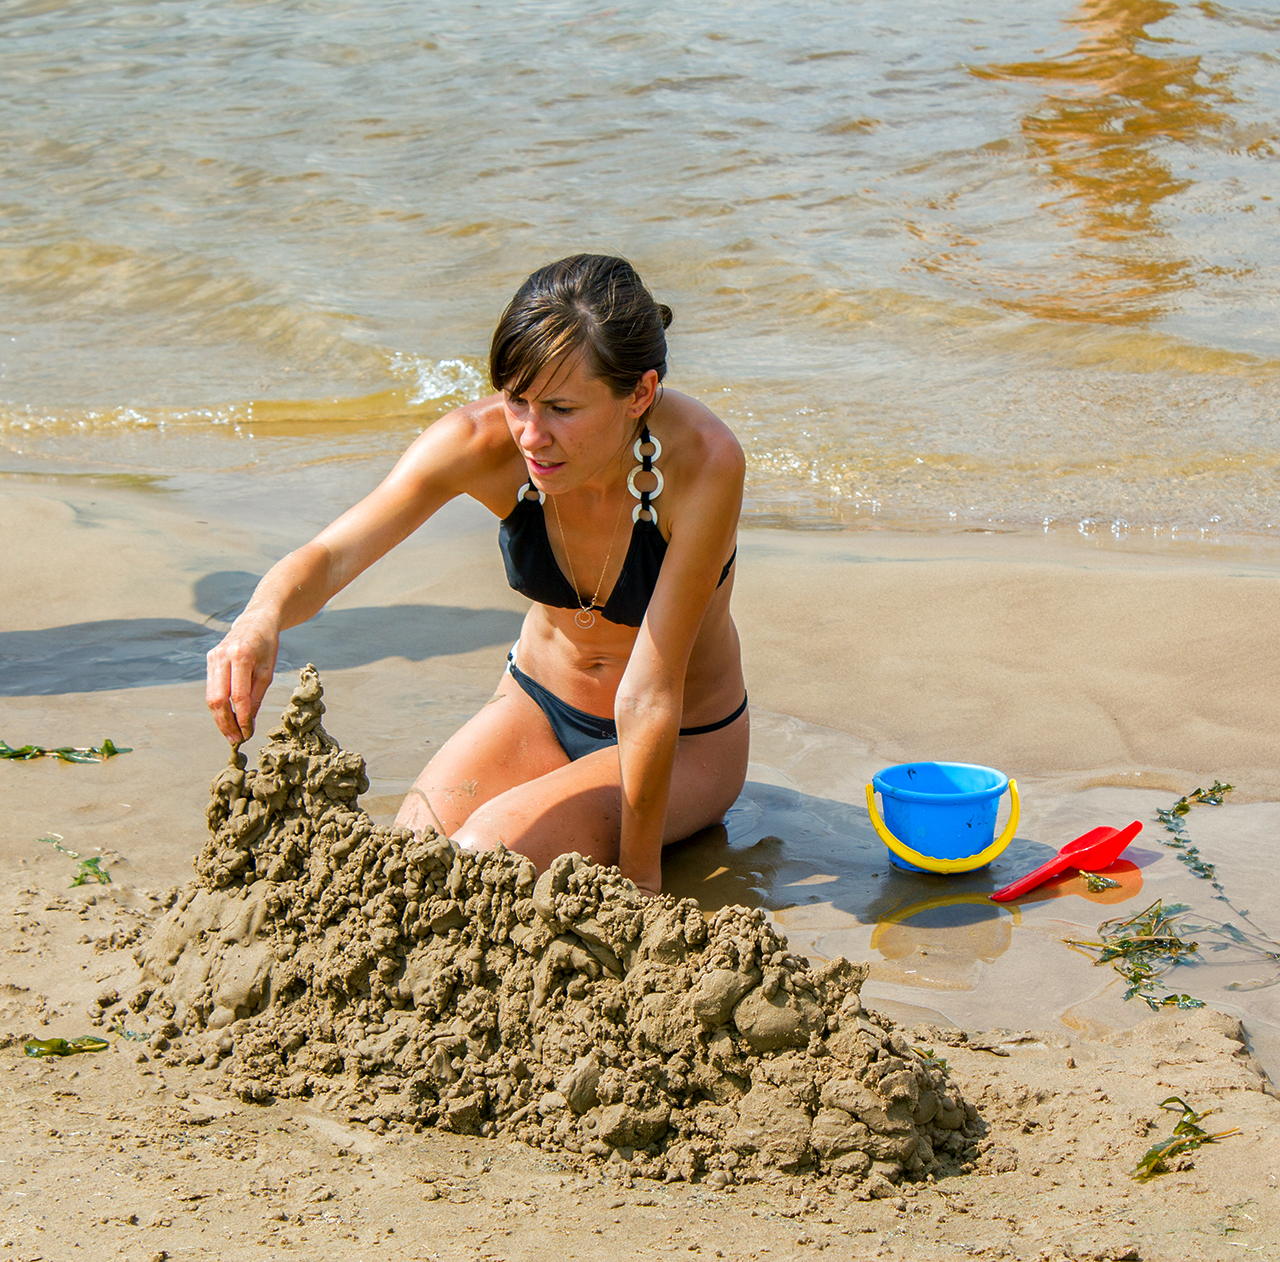 Девушки на пляже волги фото